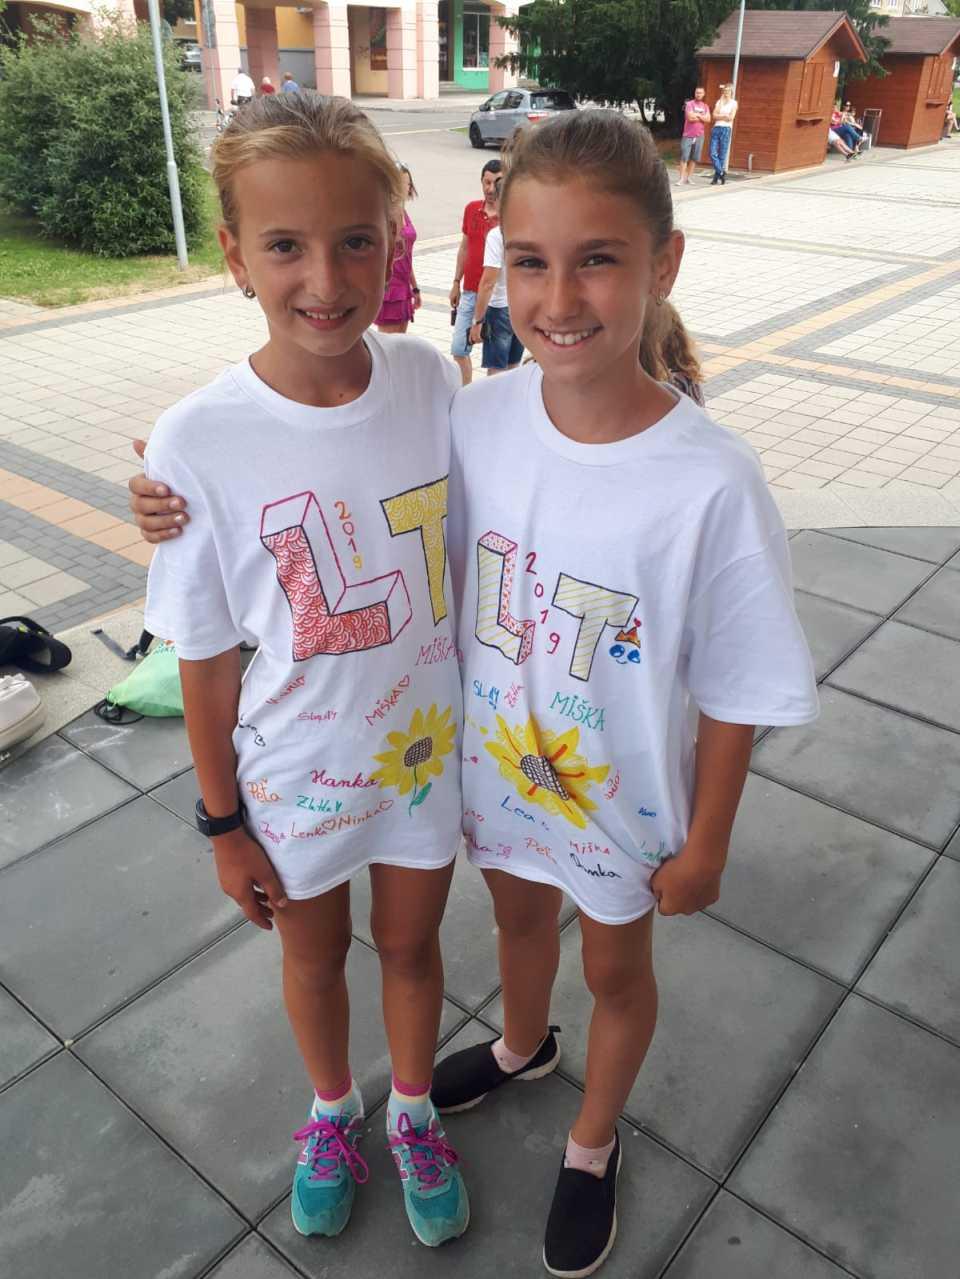 Dievčatá s tričkami Len Tanec